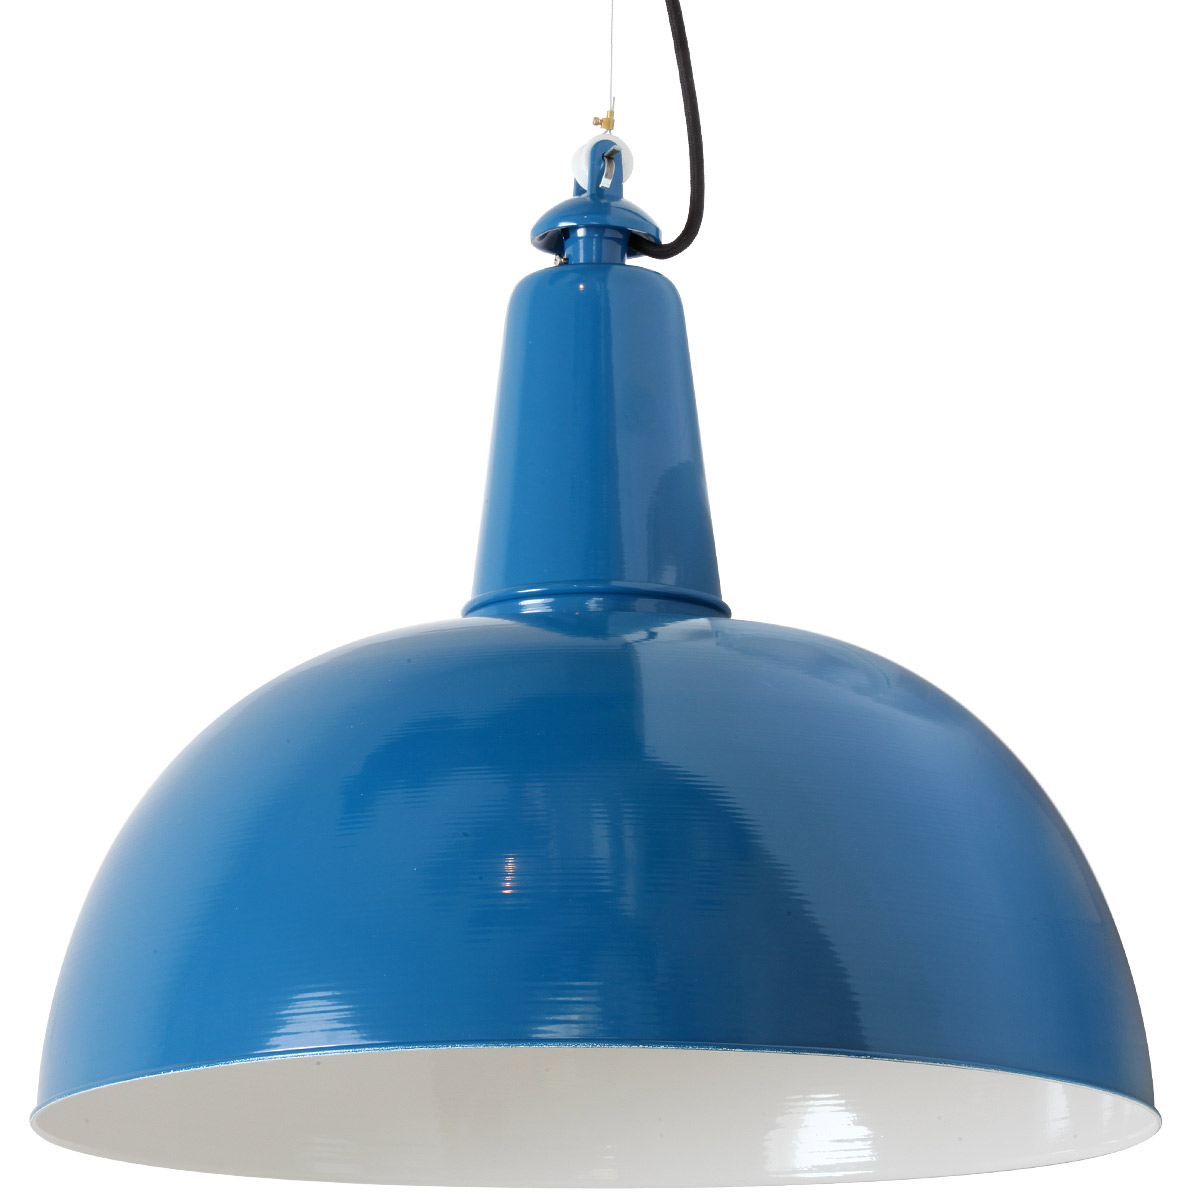 Blaue Pendelleuchte von Bolich KÖLN 50 cm in RAL 5019 Capriblau